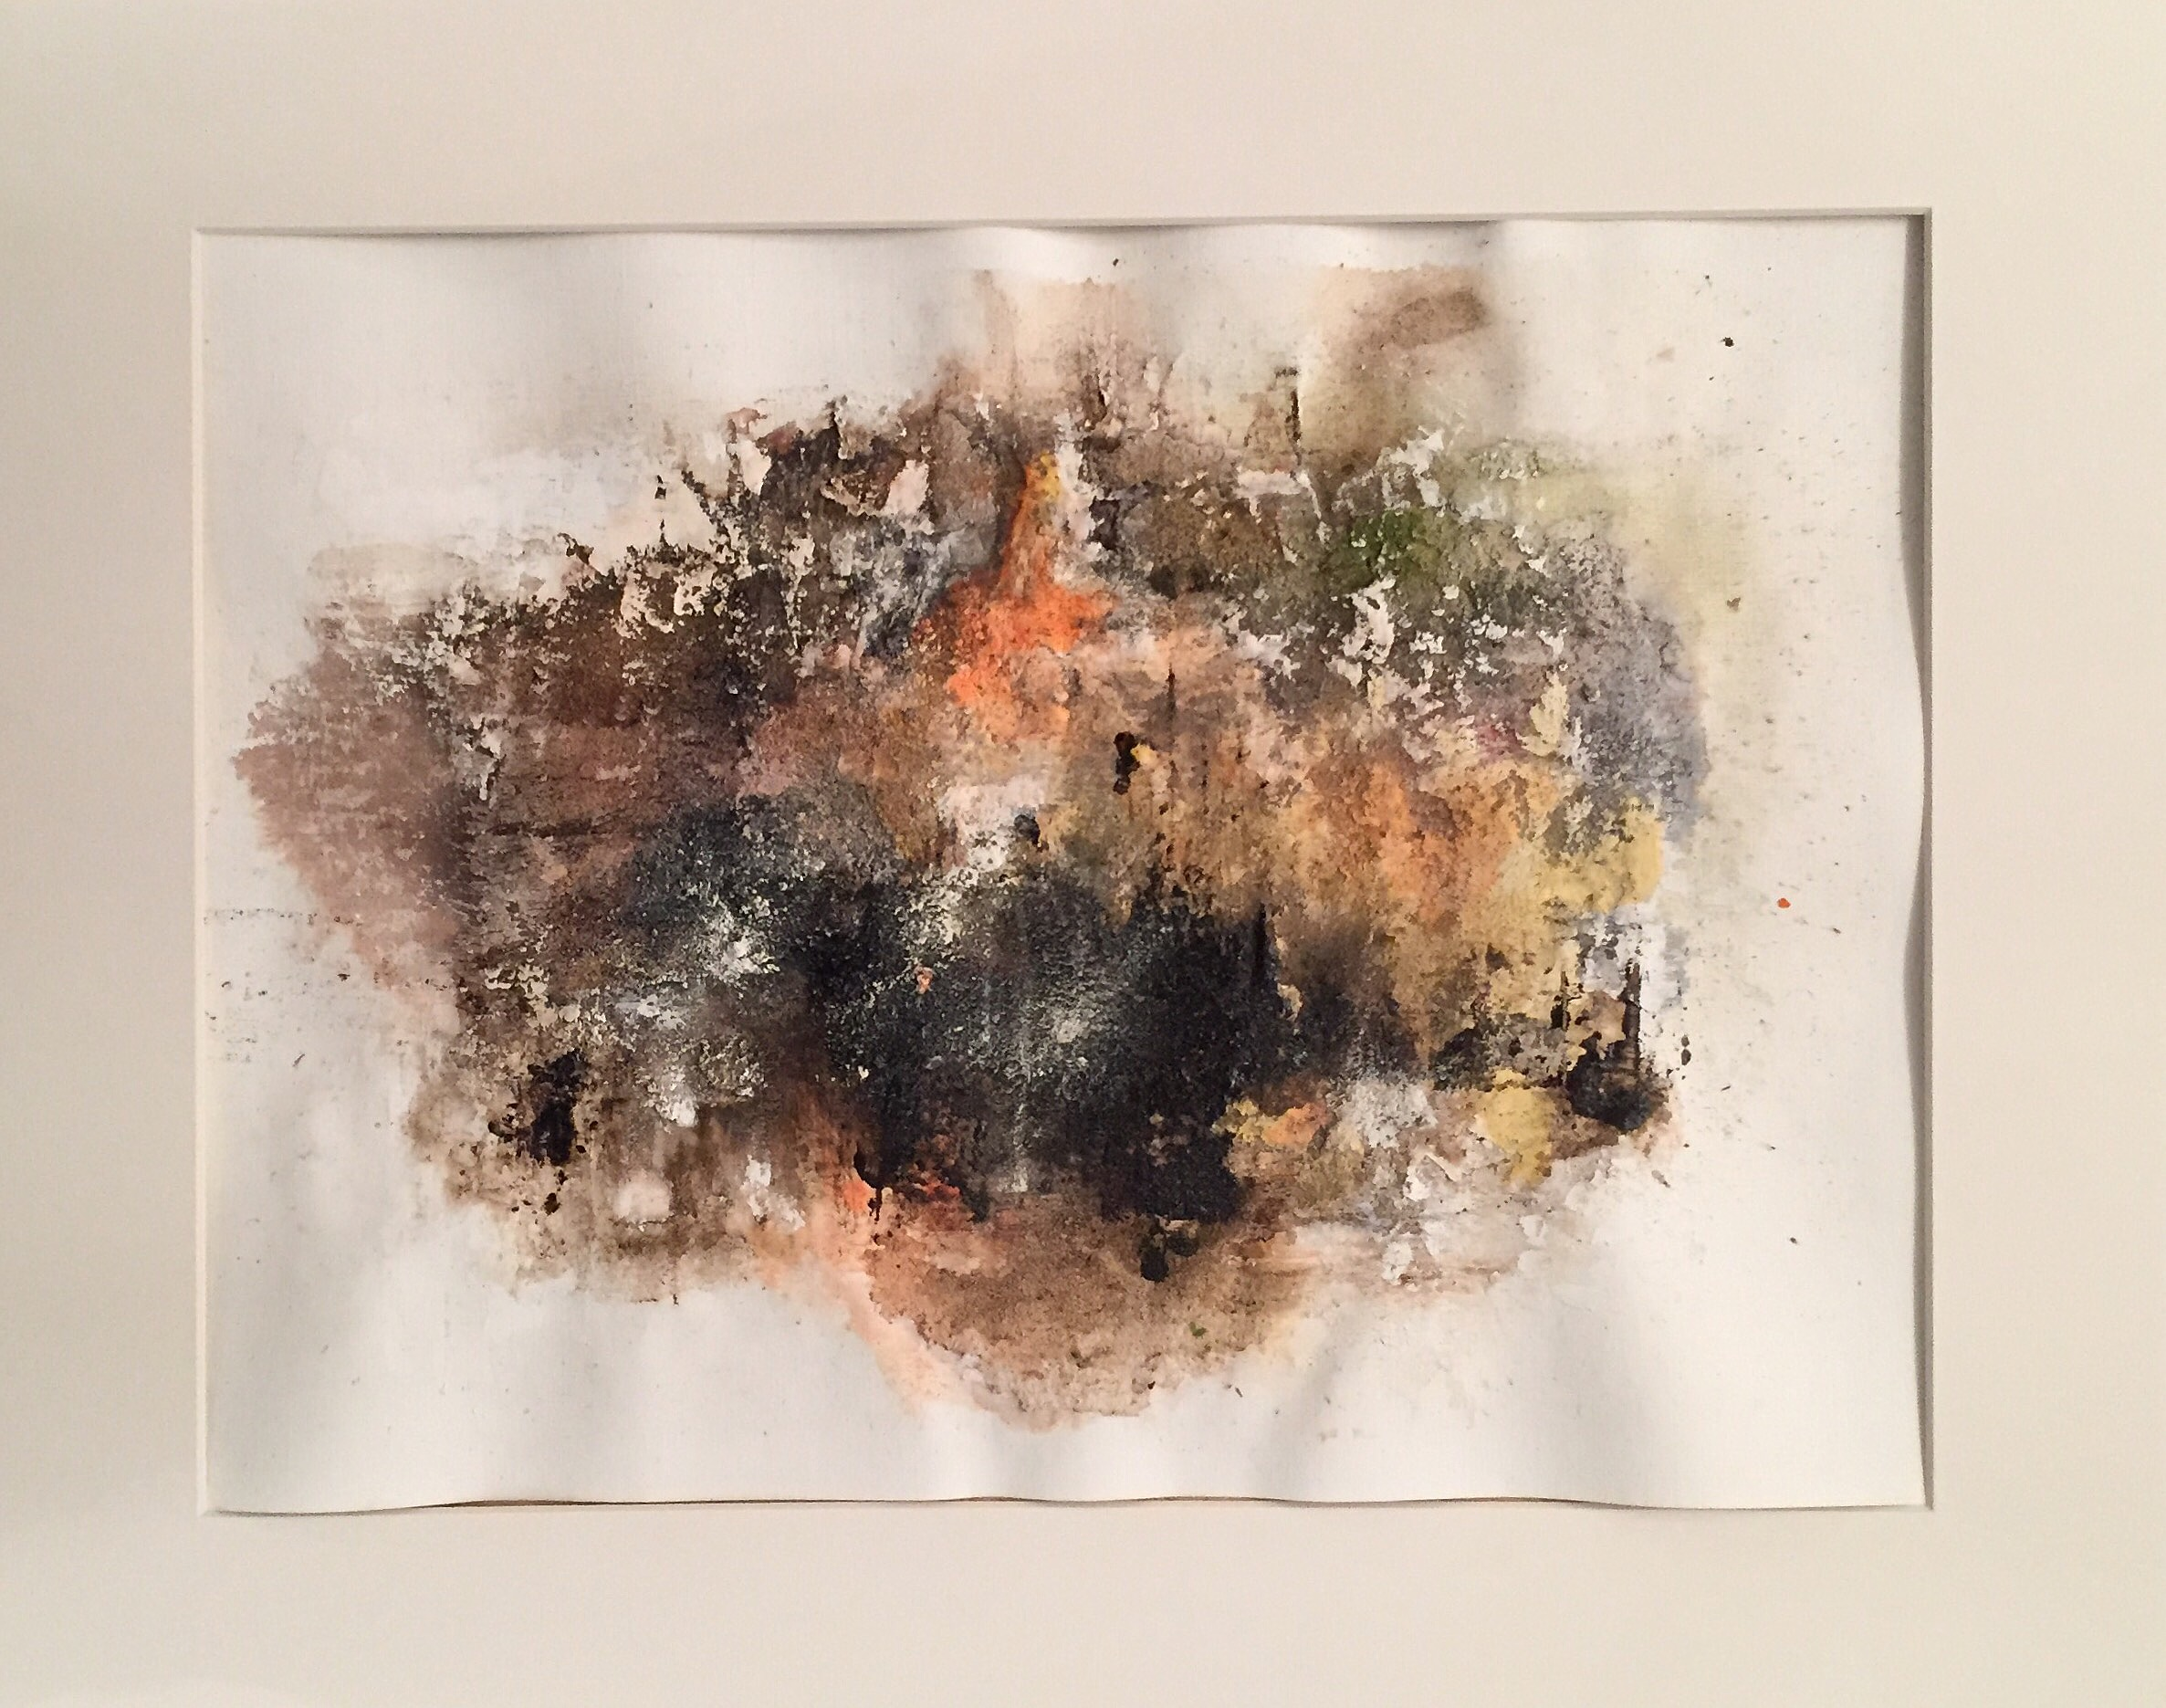 Mischtechnik Bitumen, Pigment, Wandfarbe und Sand auf Acrylpapier